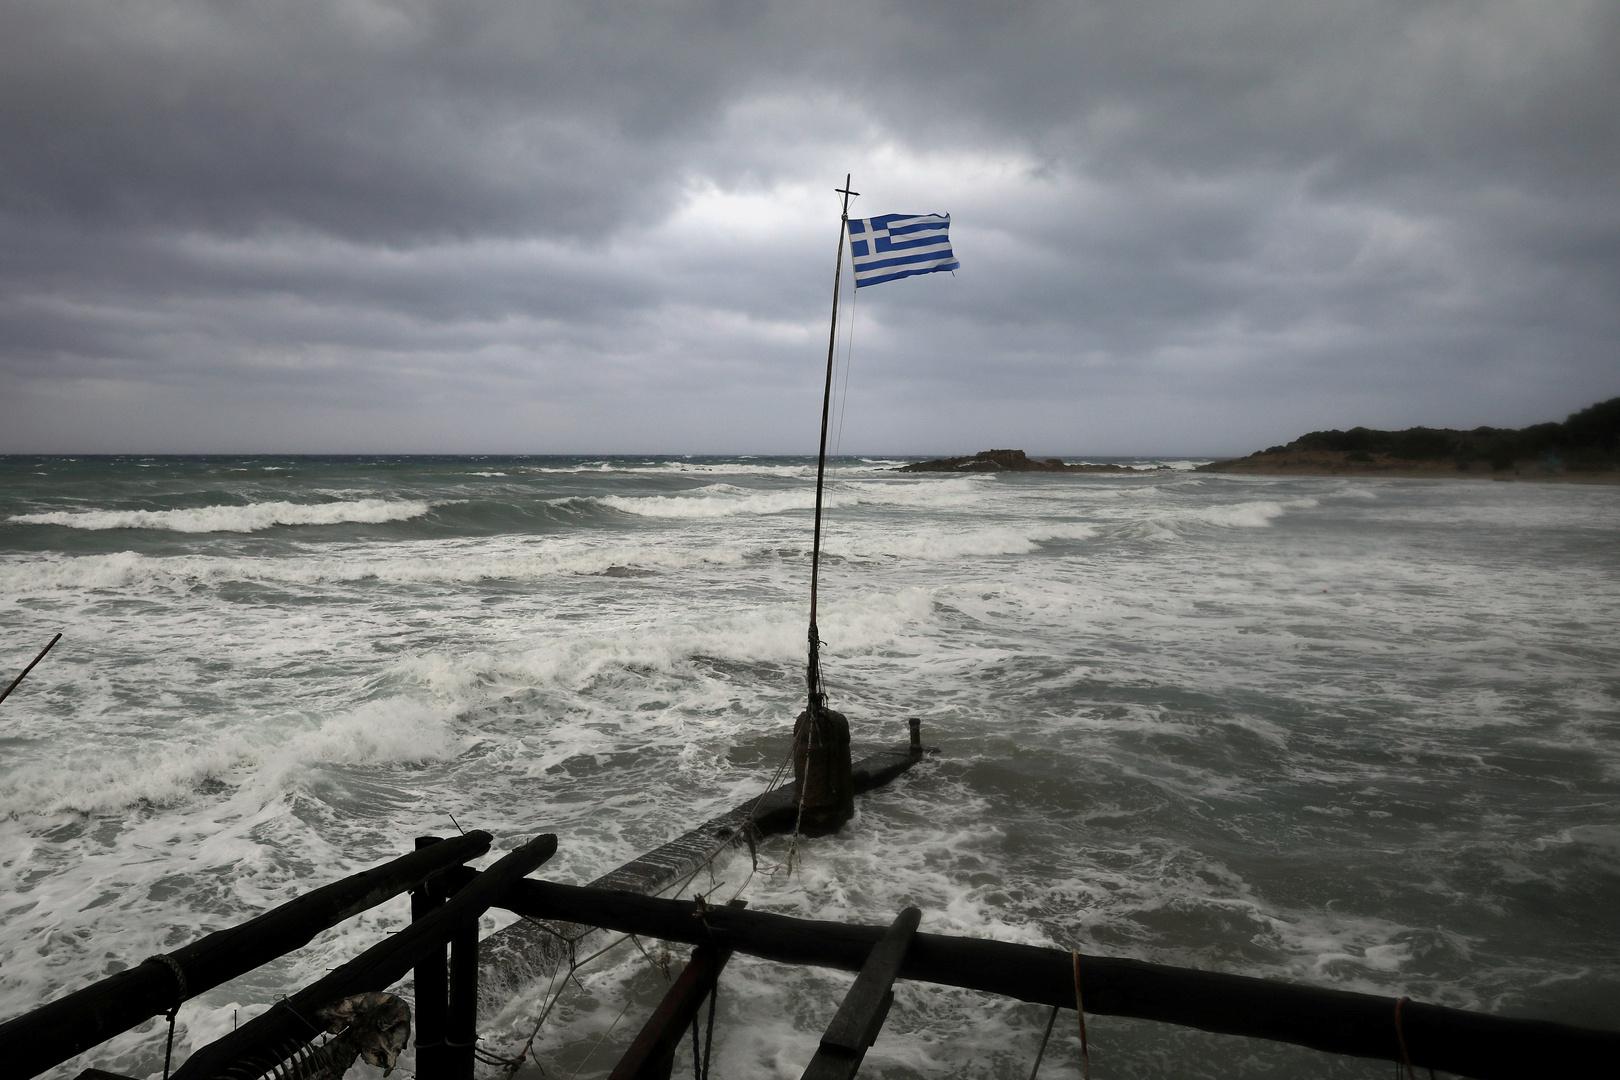 غرق سفينة بريطانية على متنها 17 شخصا قبالة جزيرة يونانية